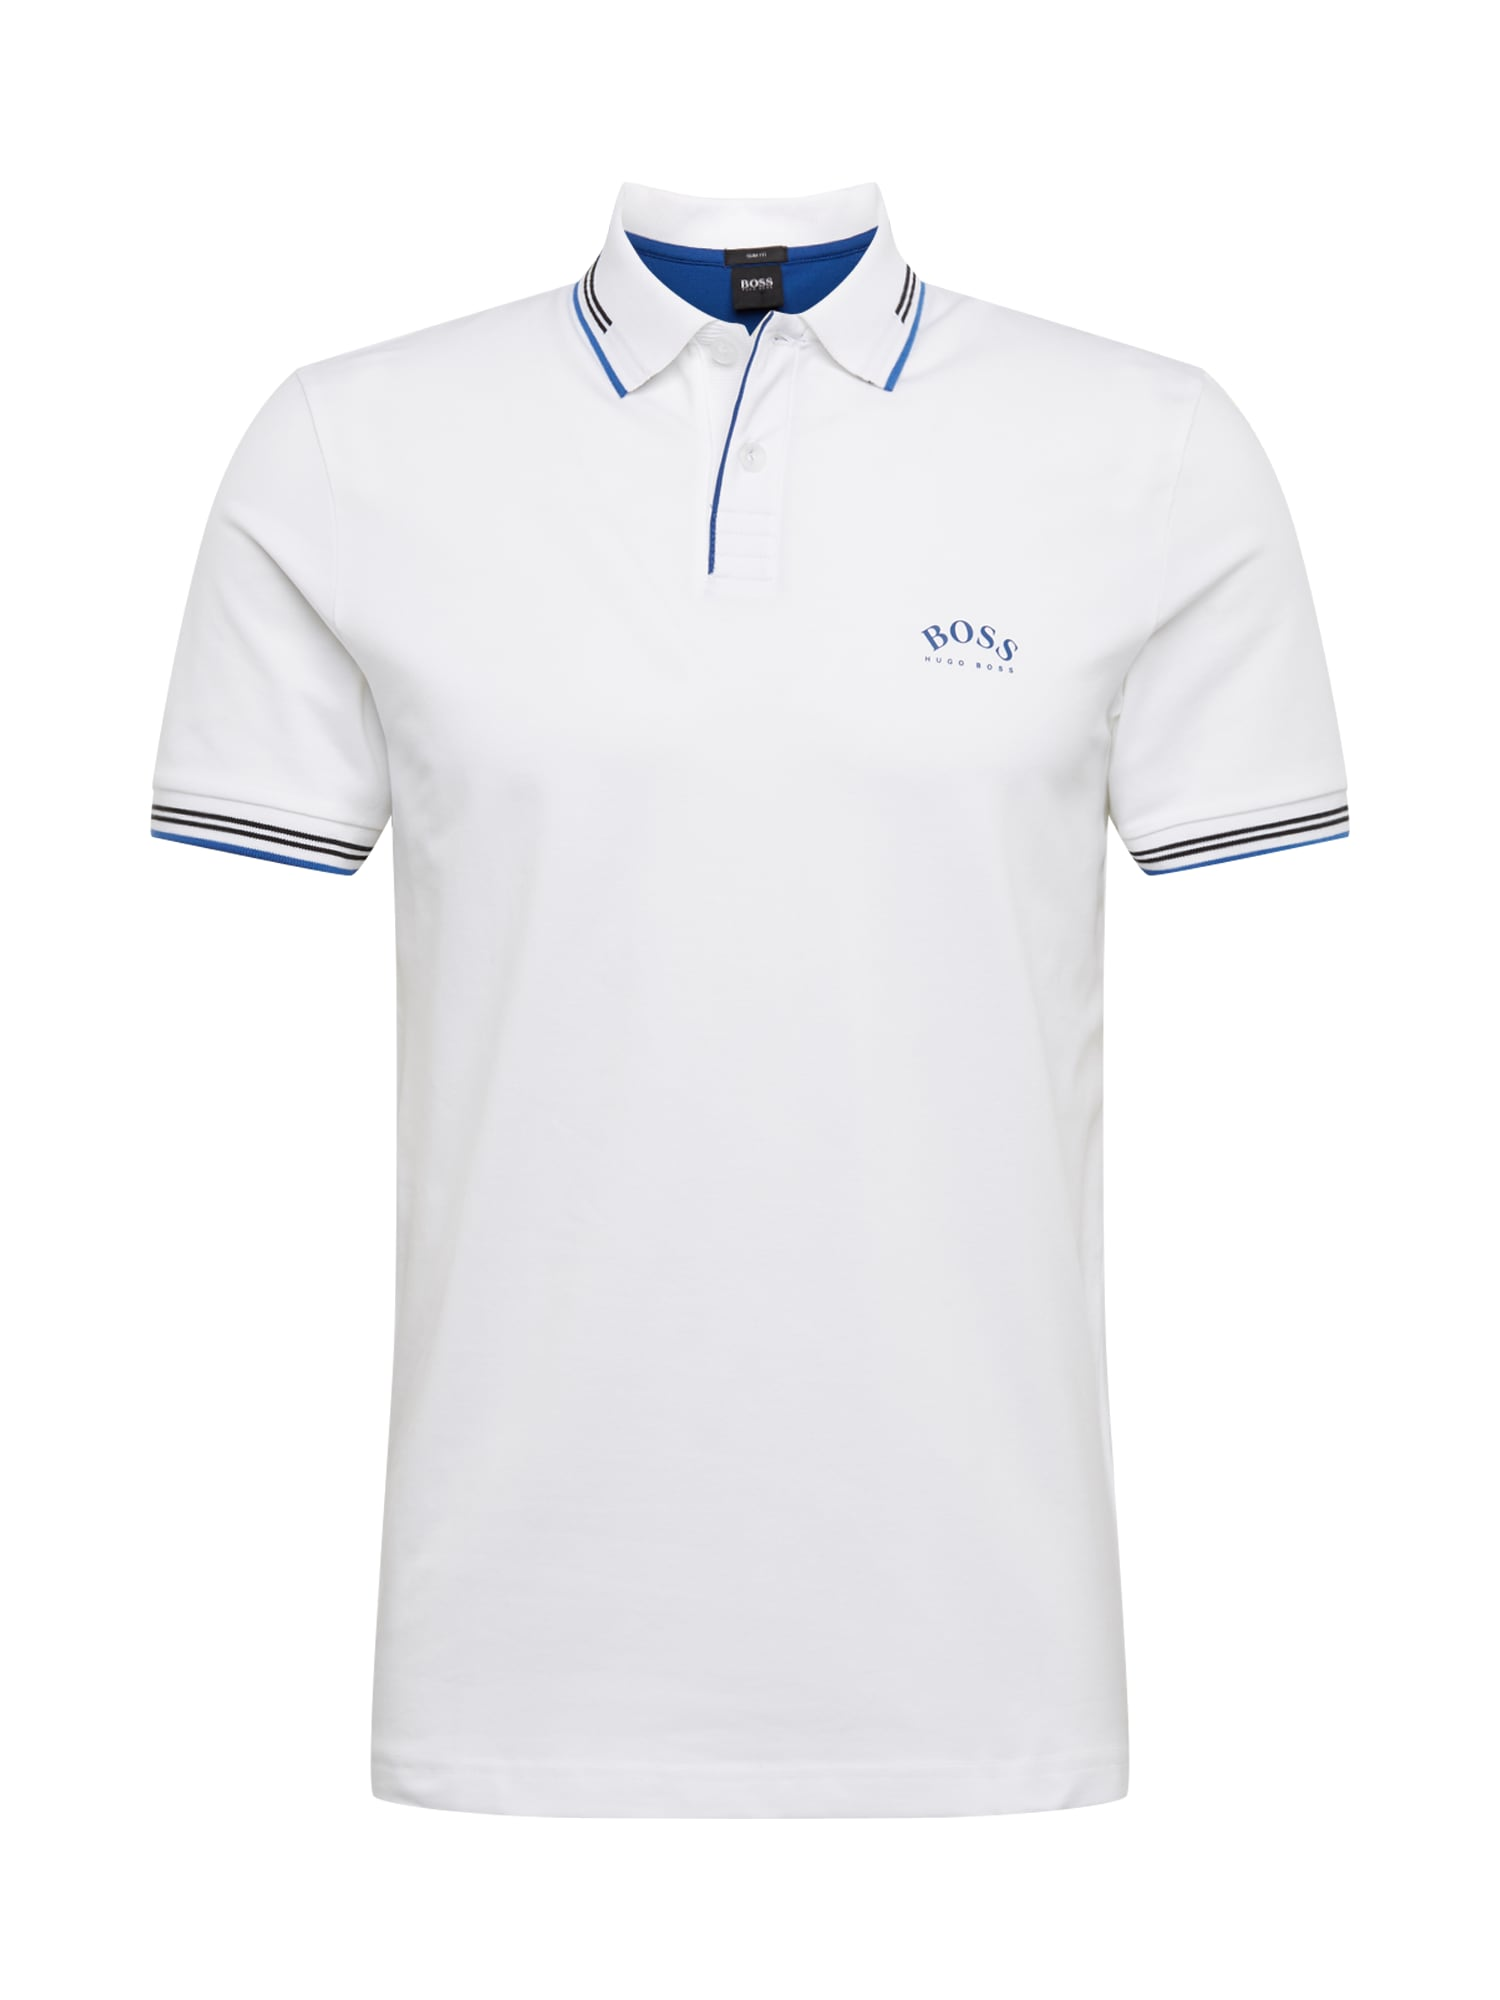 BOSS ATHLEISURE Marškinėliai 'Paul' balta